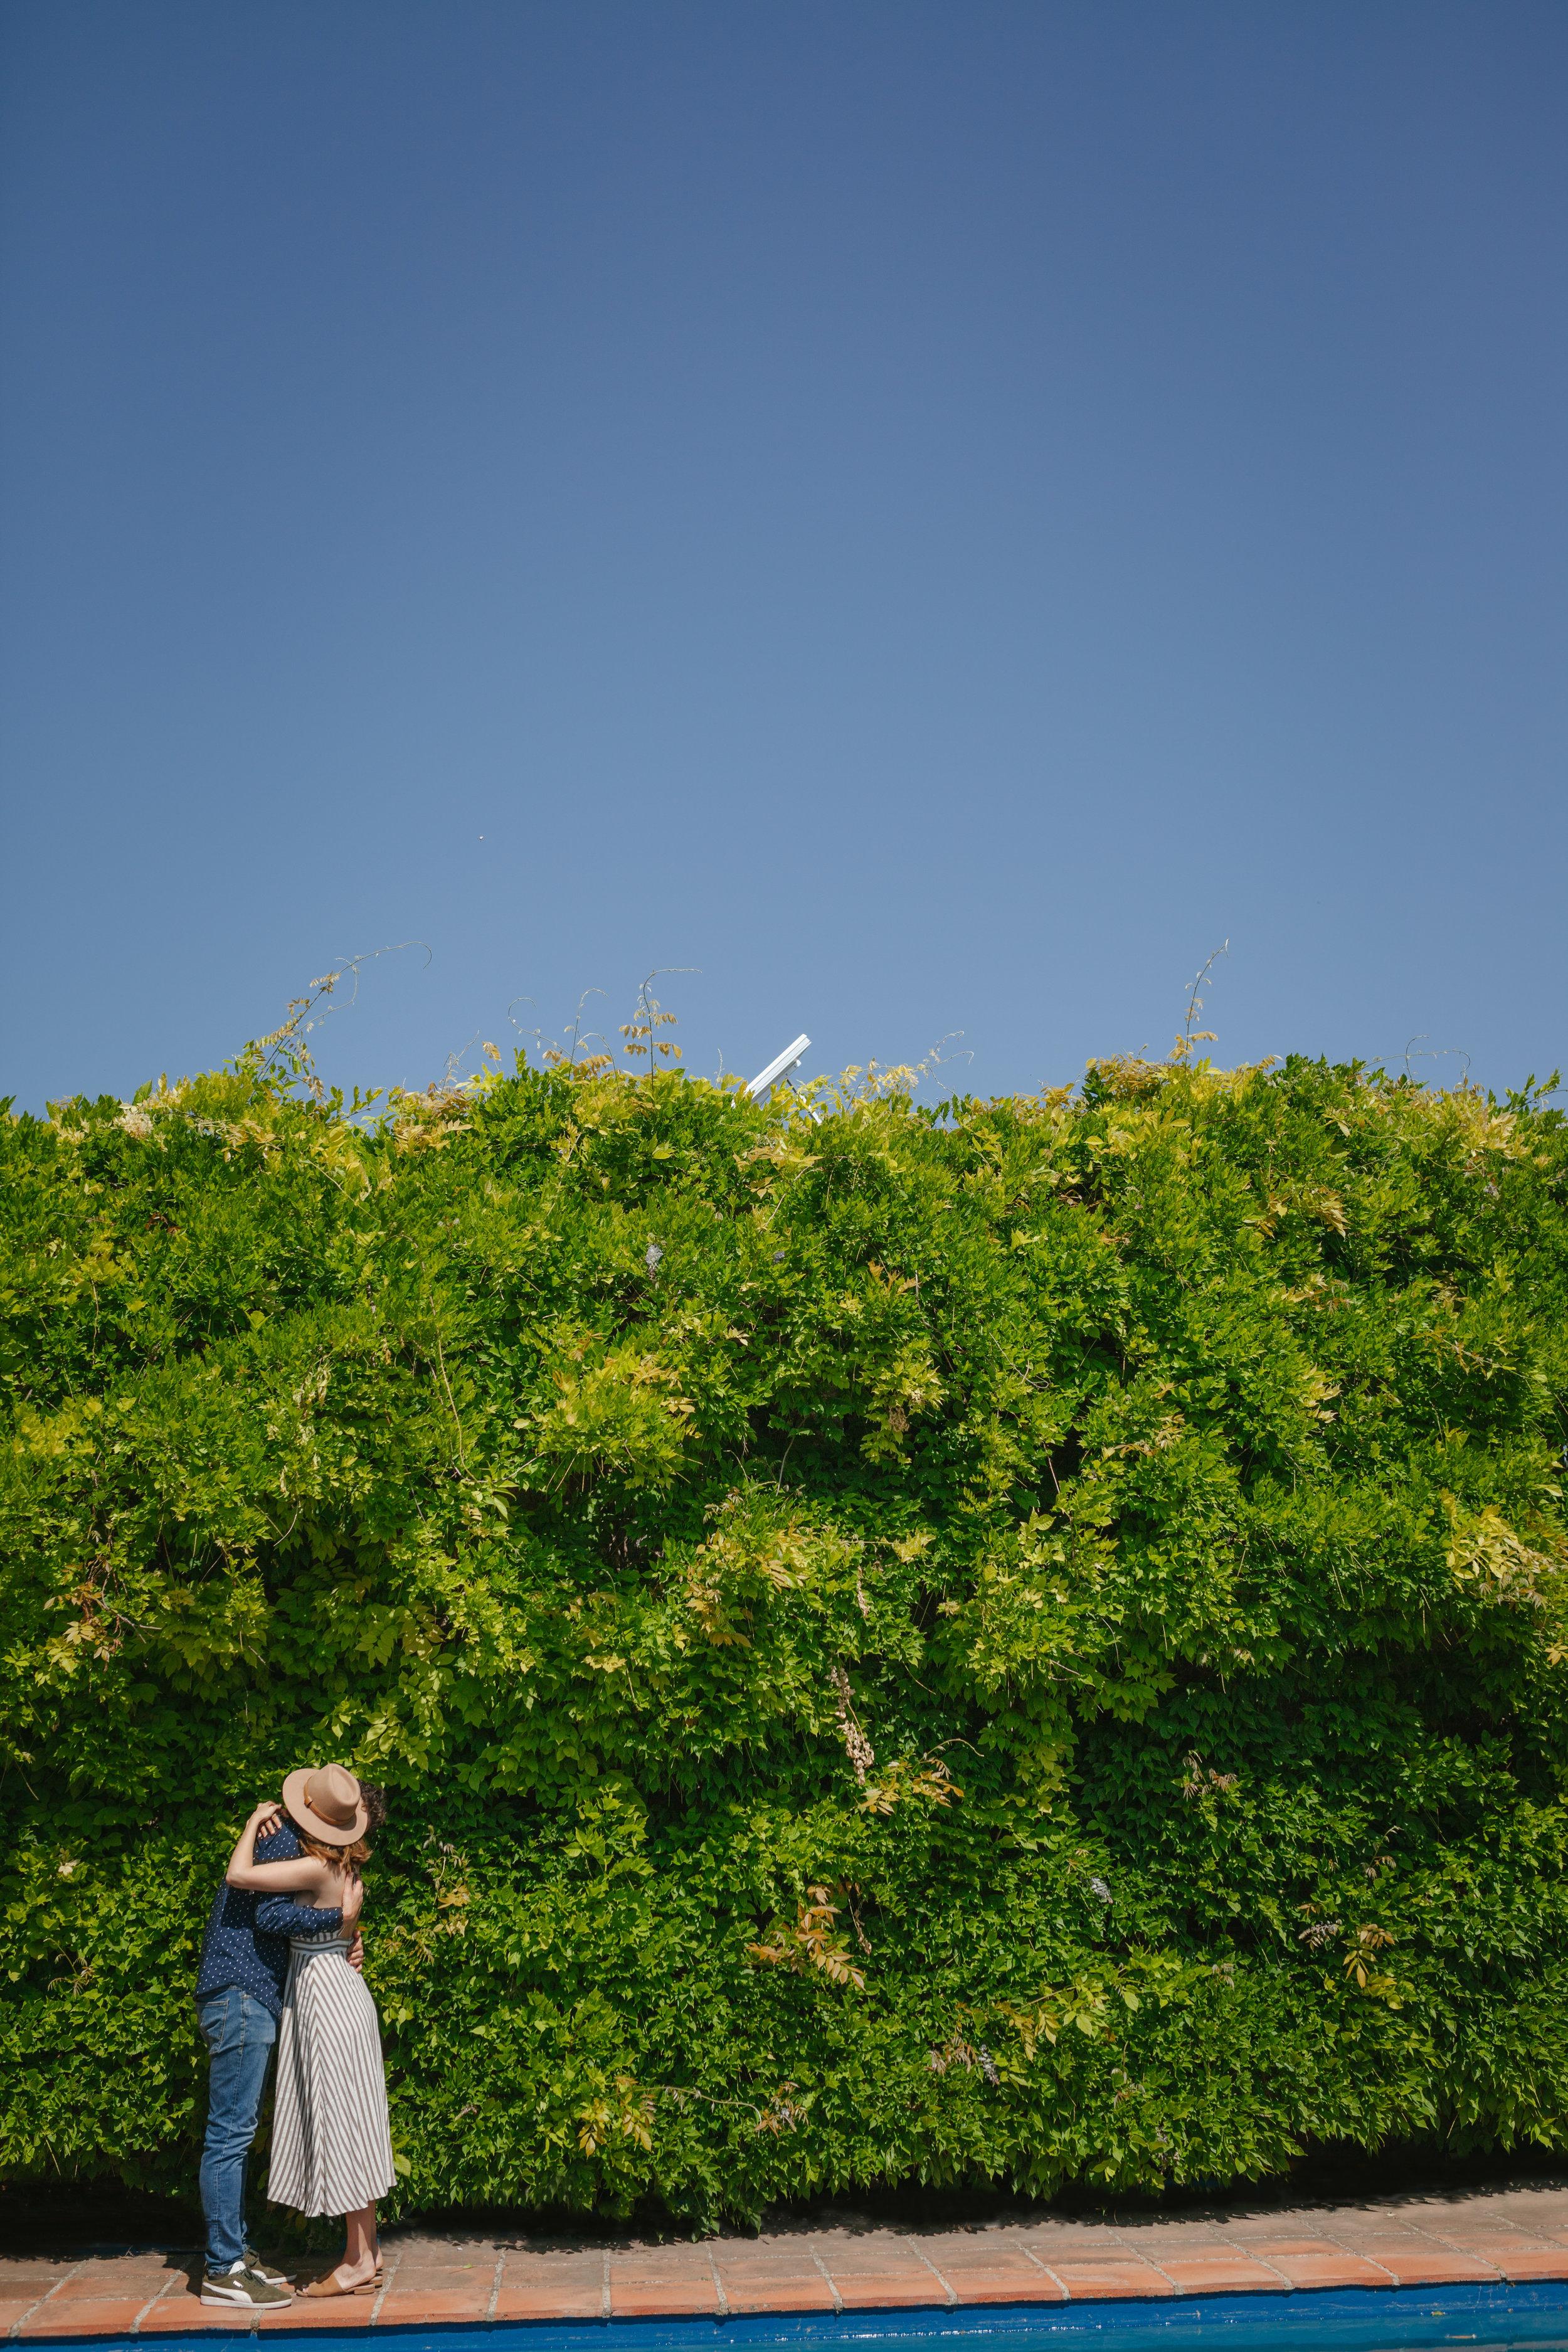 Pareja abrazándose frente a pared verde de plantas.